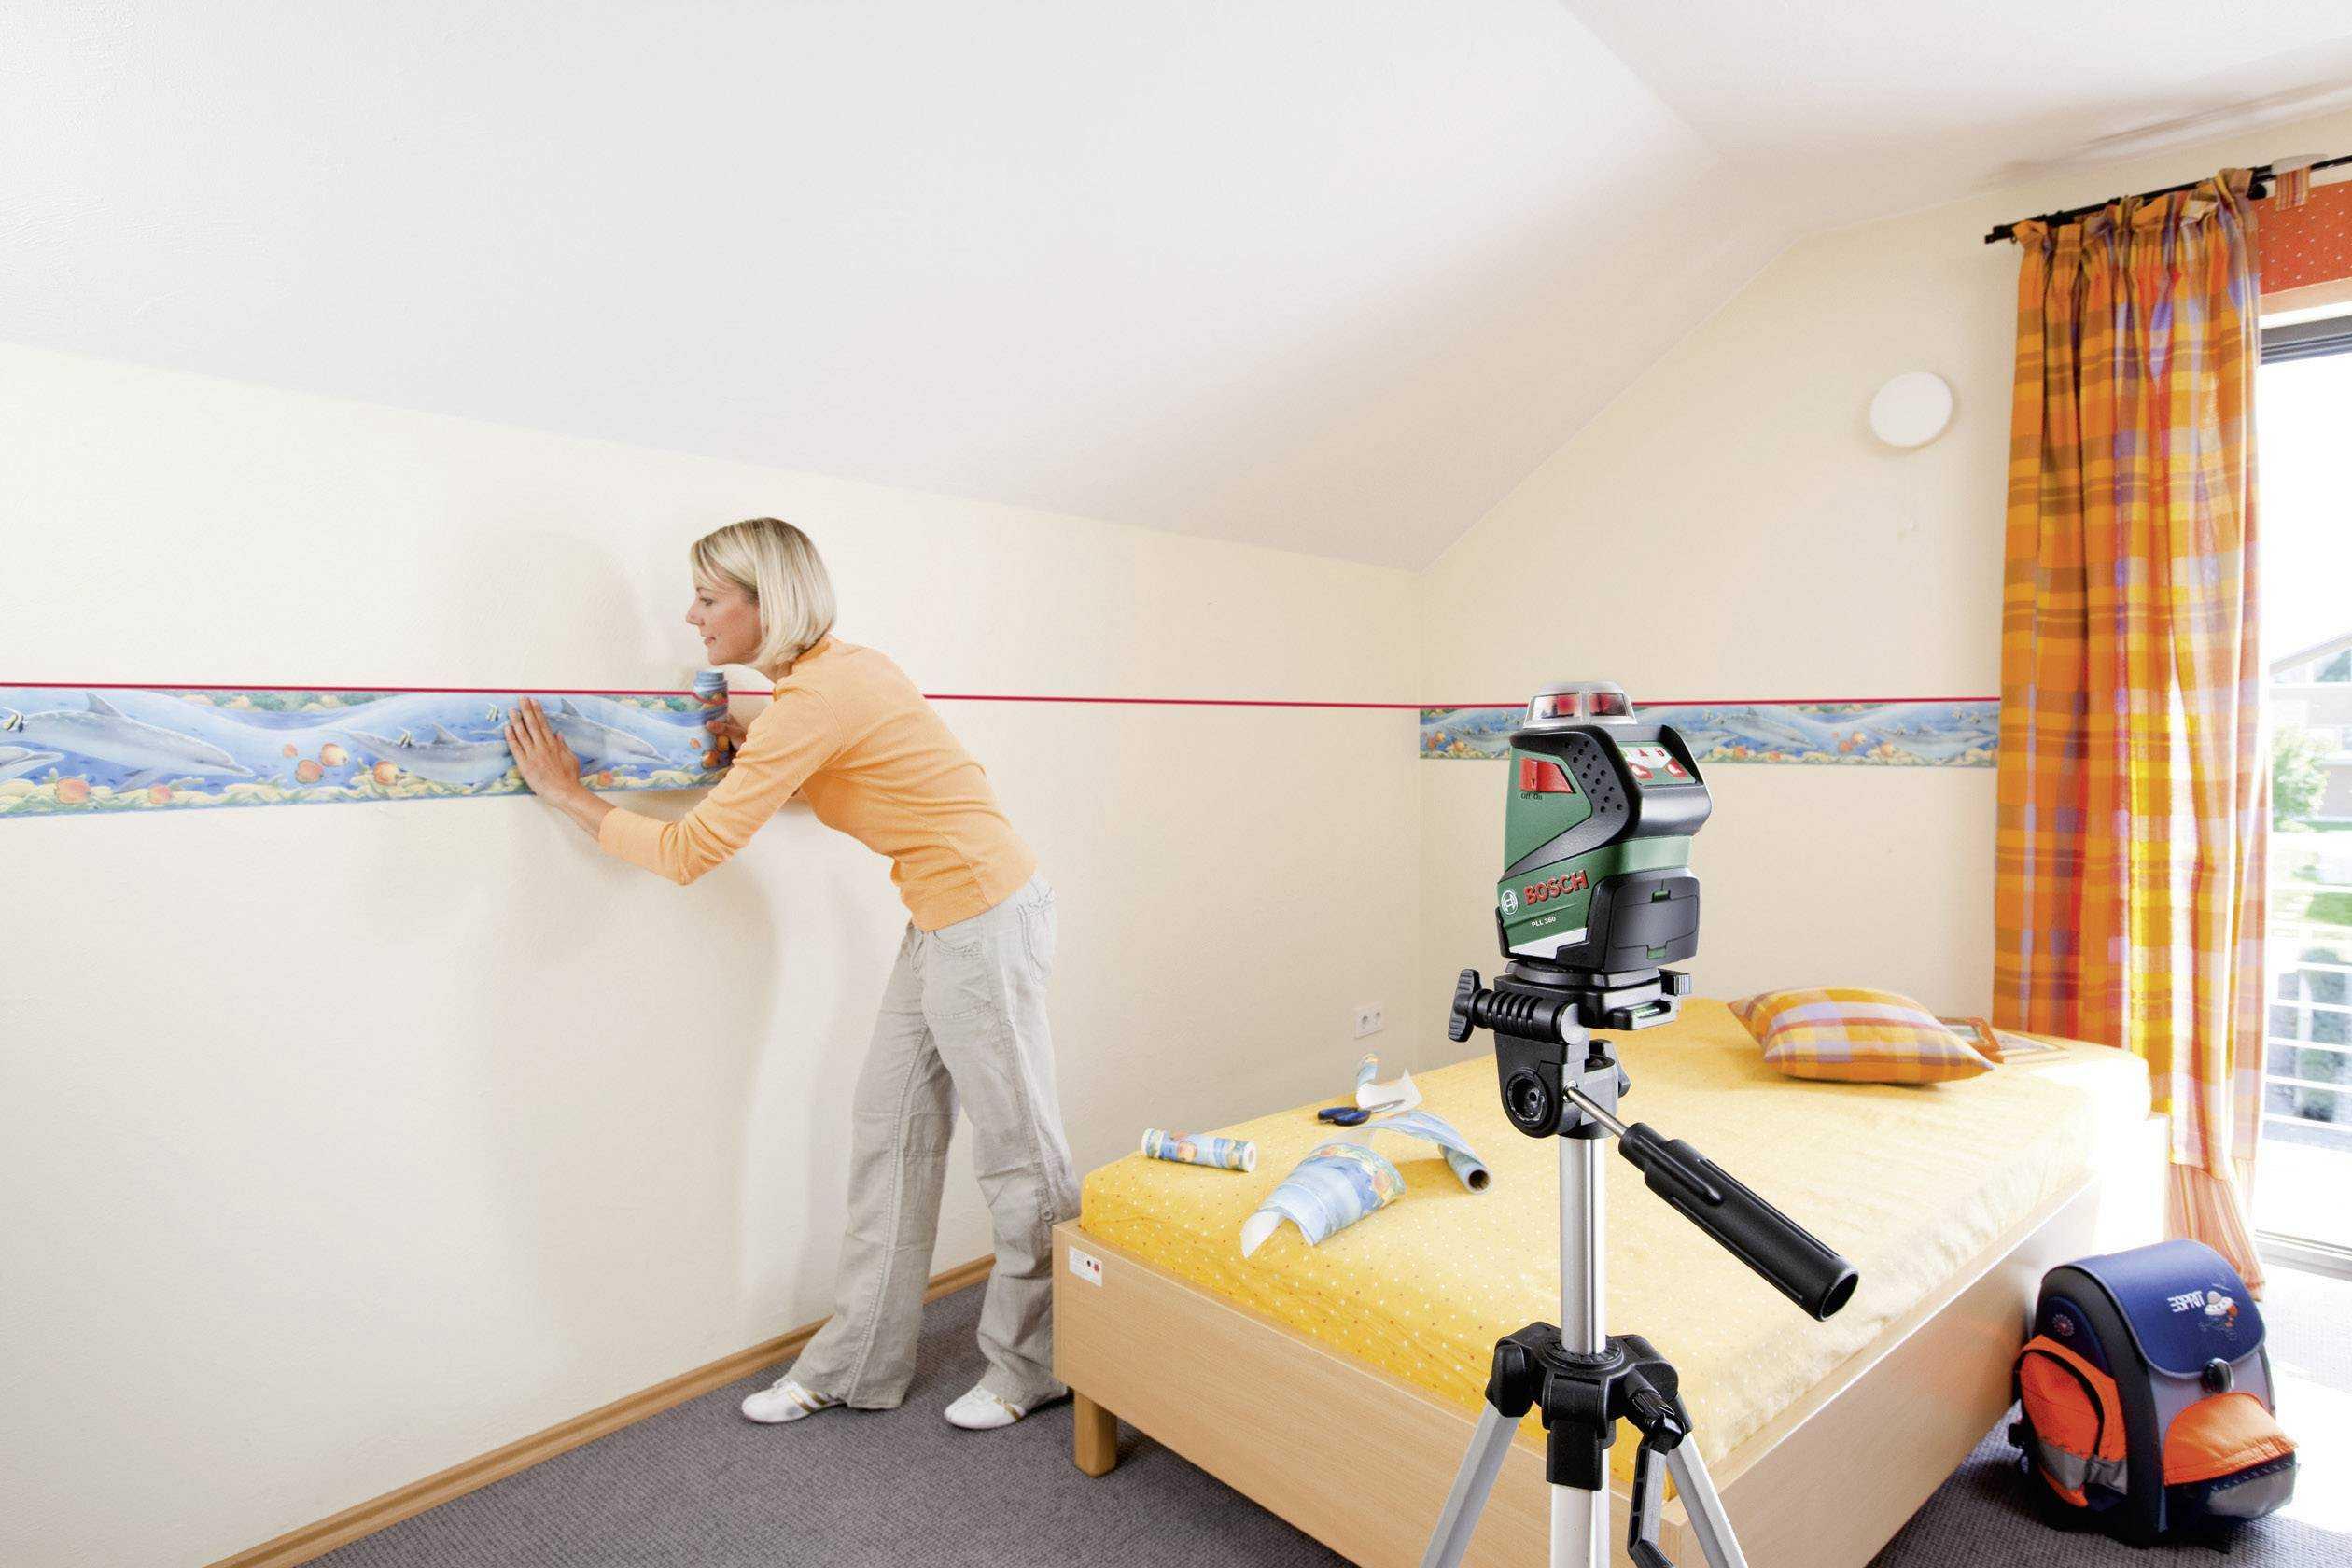 Как лазерным уровнем проверить ровность стены: для чего нужен нивелир, и как пользоваться этим прибором